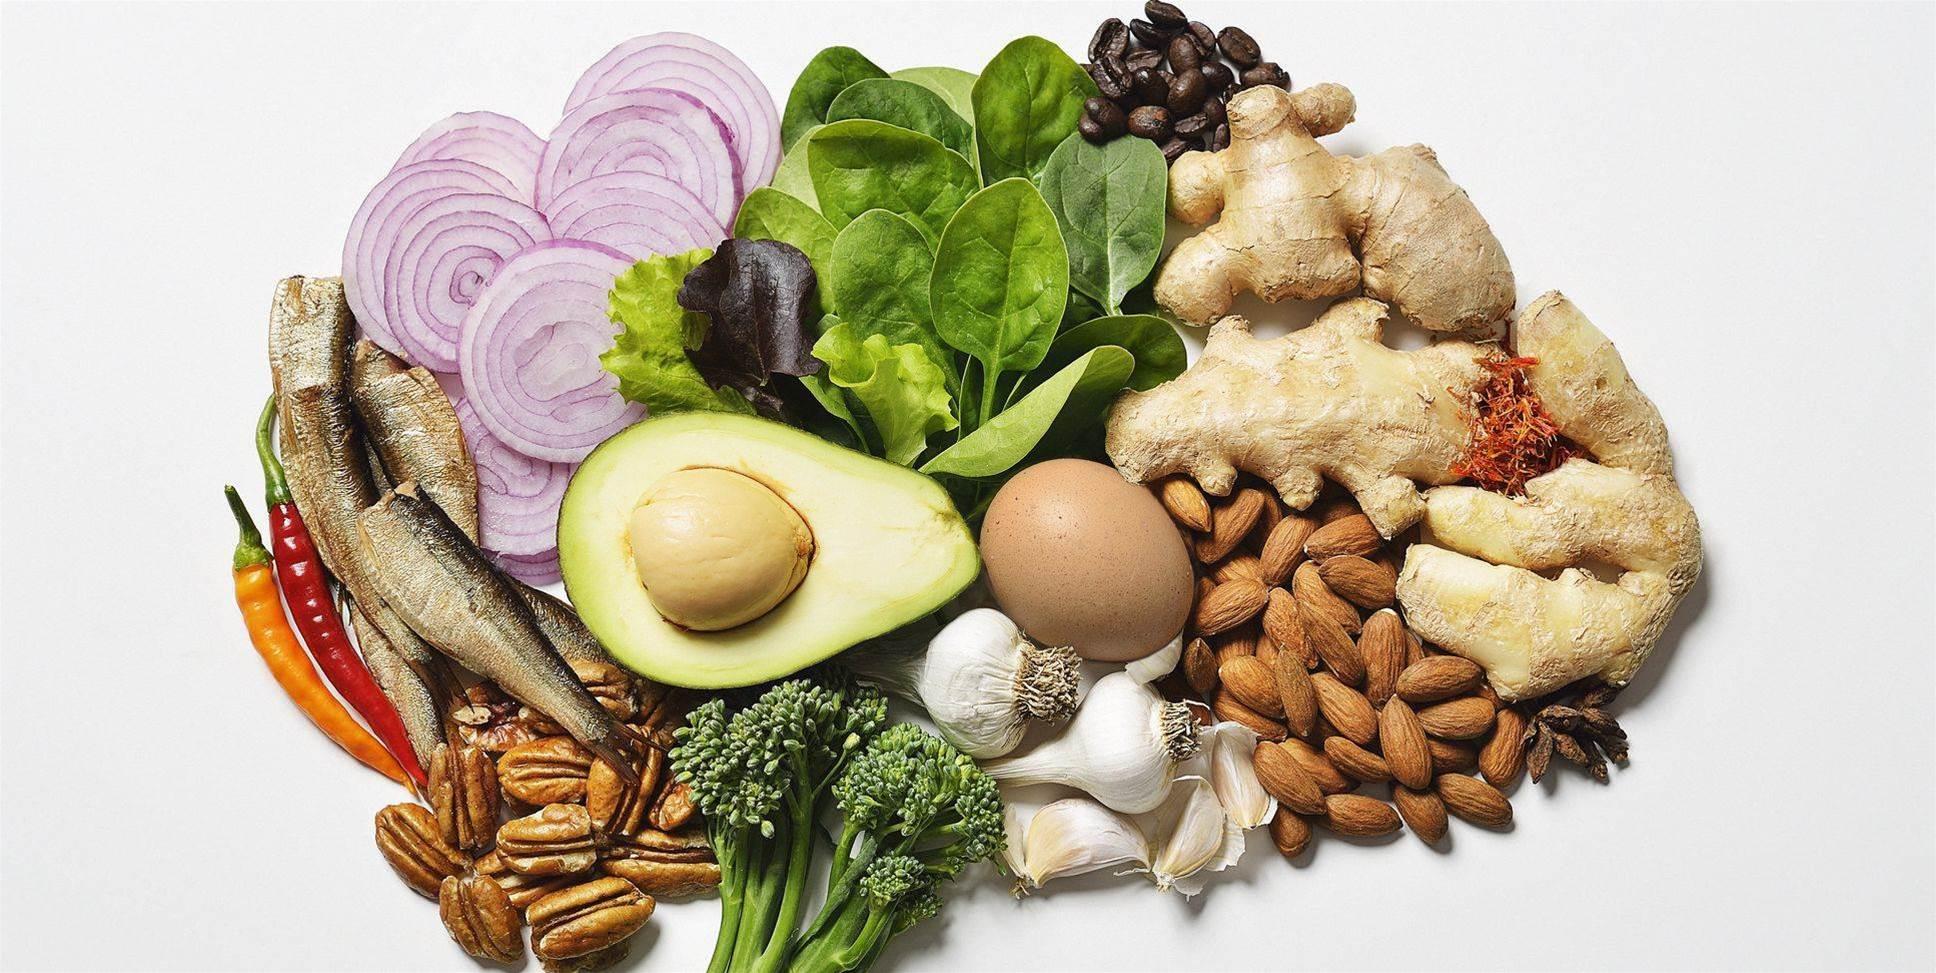 9 Brain-Healthy Foods for Alzheimer's Prevention